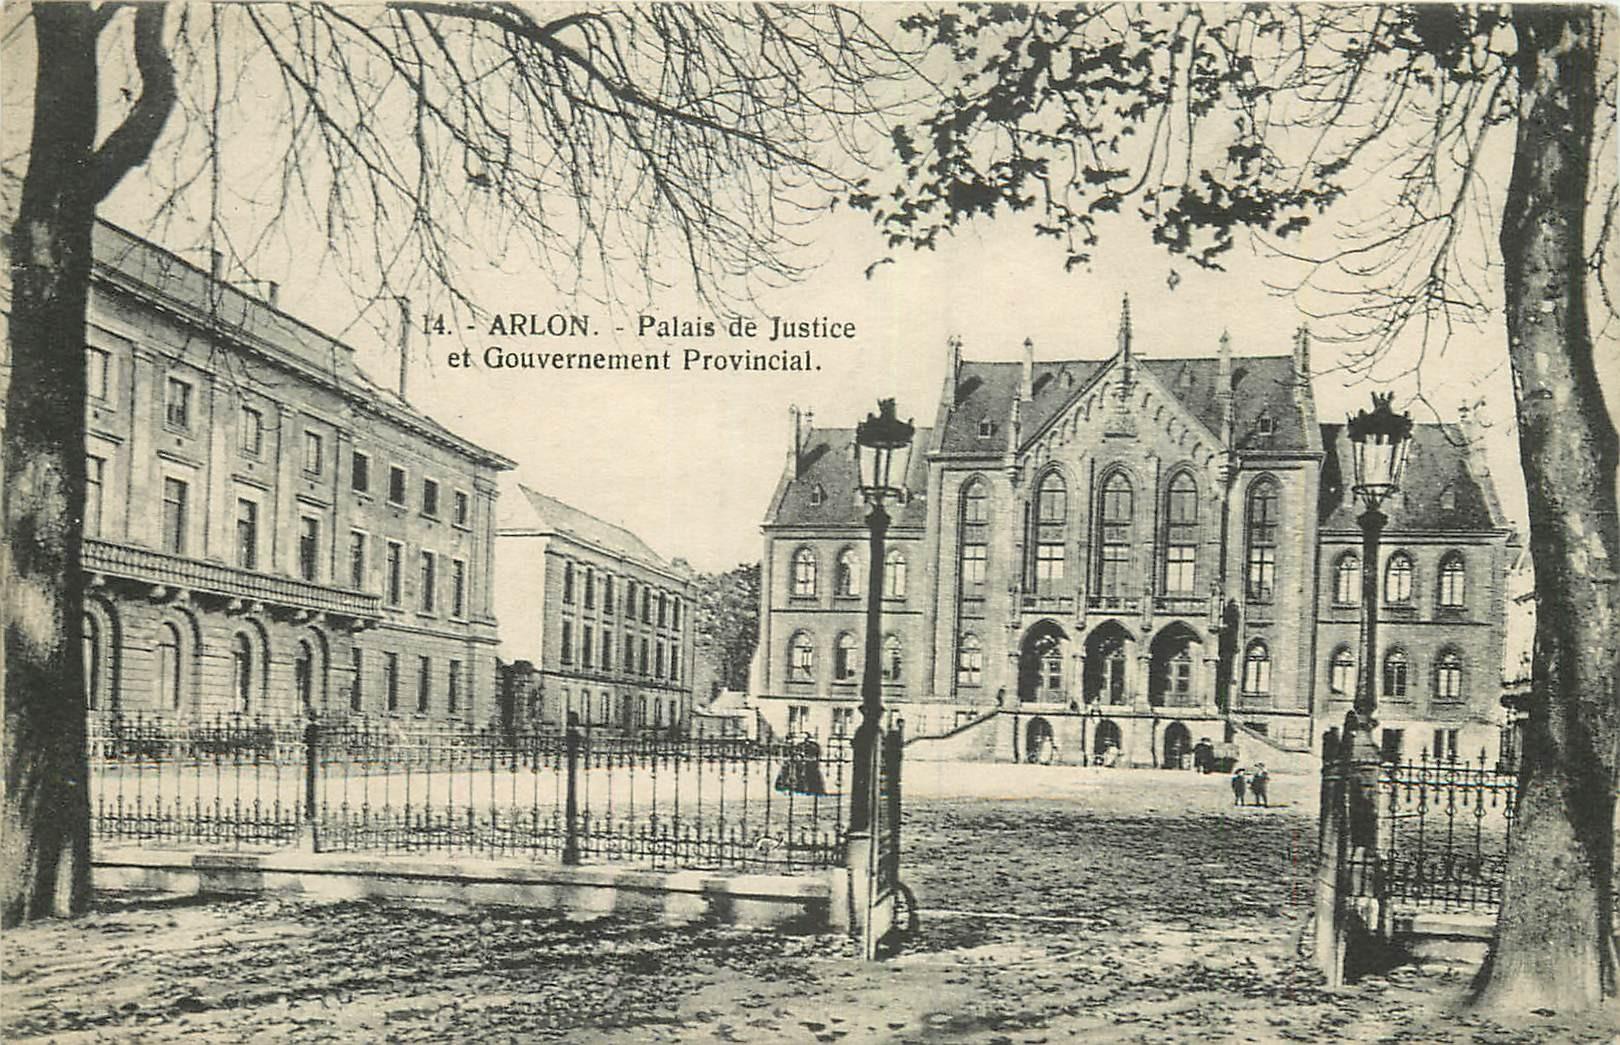 WW ARLON. Palais de Justice et Gouvernement Provincial 1919